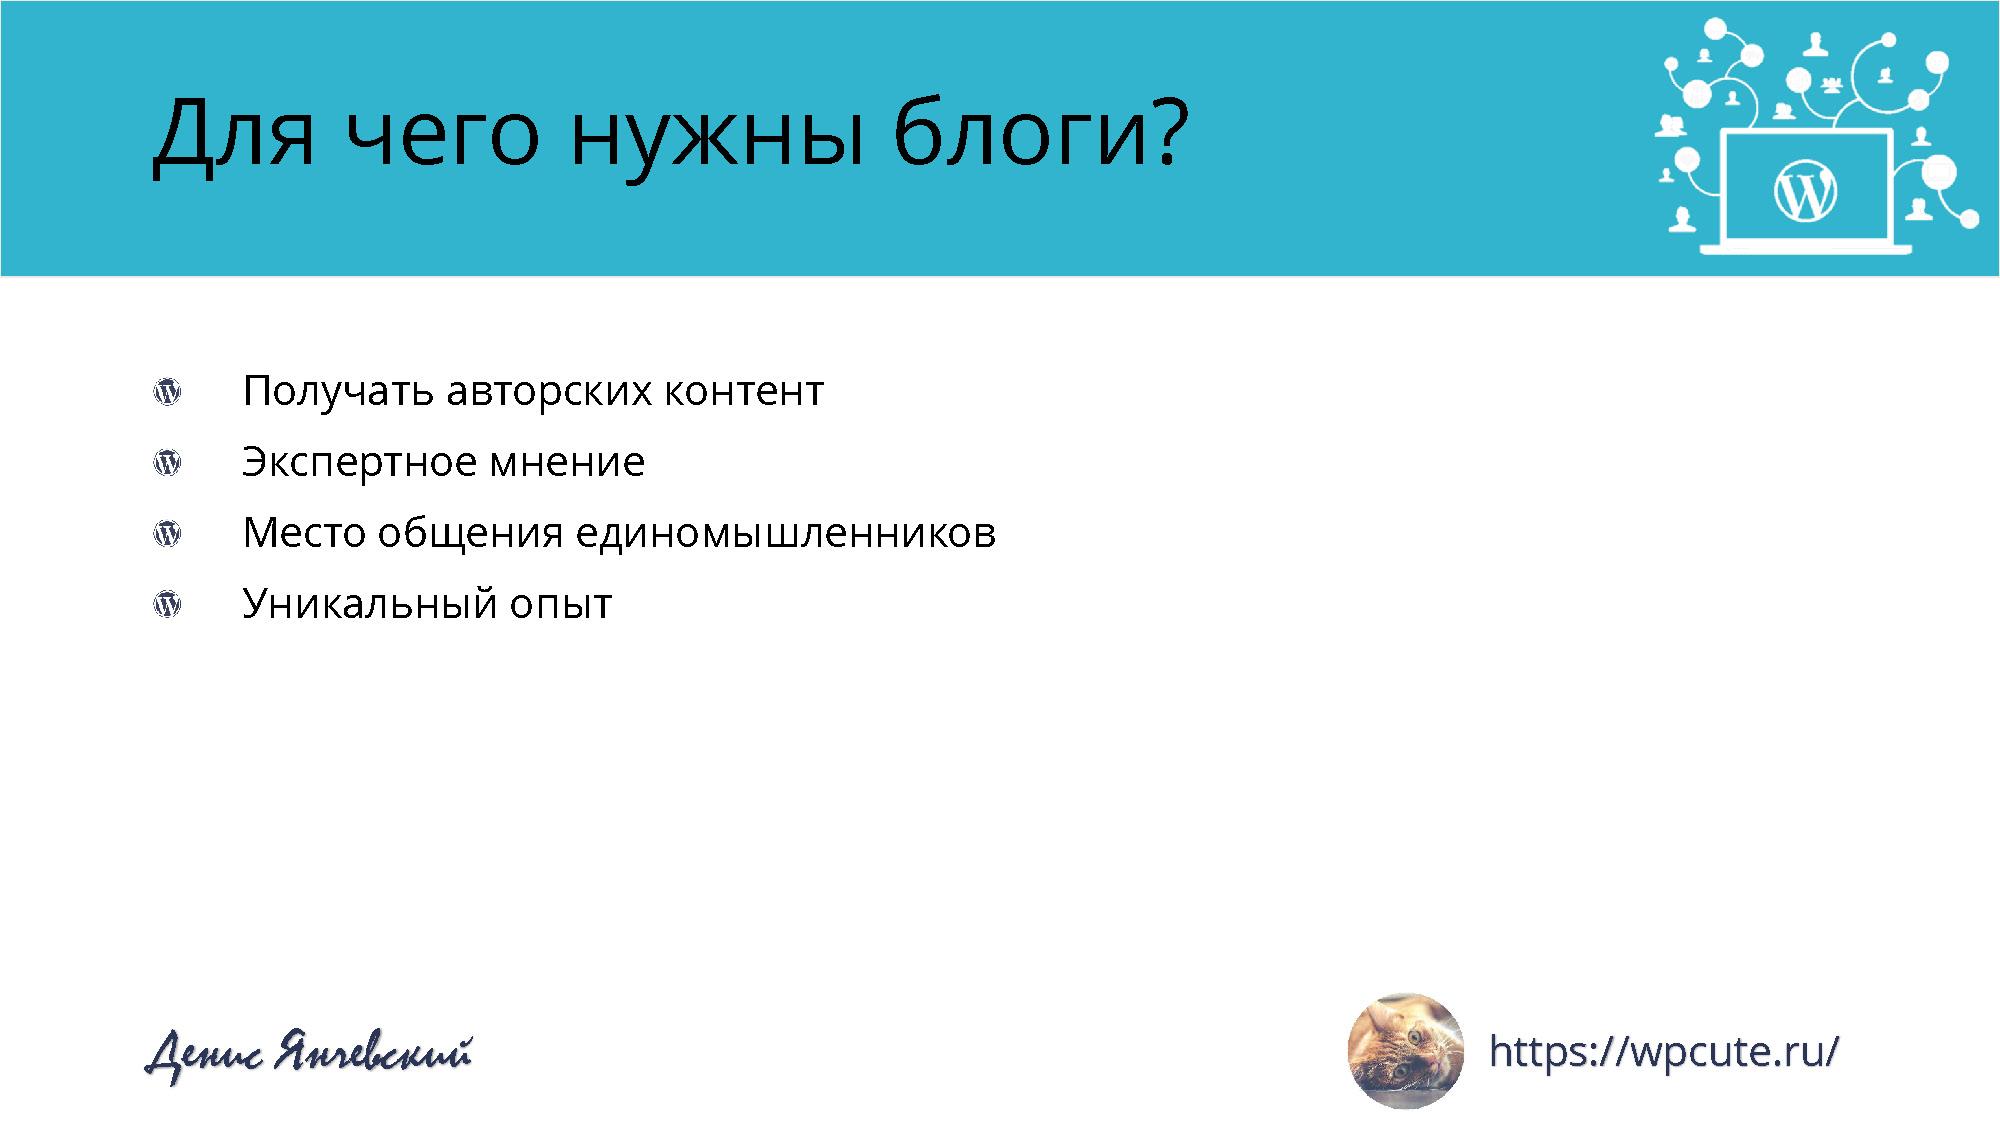 Kak_zavesti_i_dlya_chego_ispolzovat_blog_razrabotchiku__Denis_Yanchevskiy_Страница_04